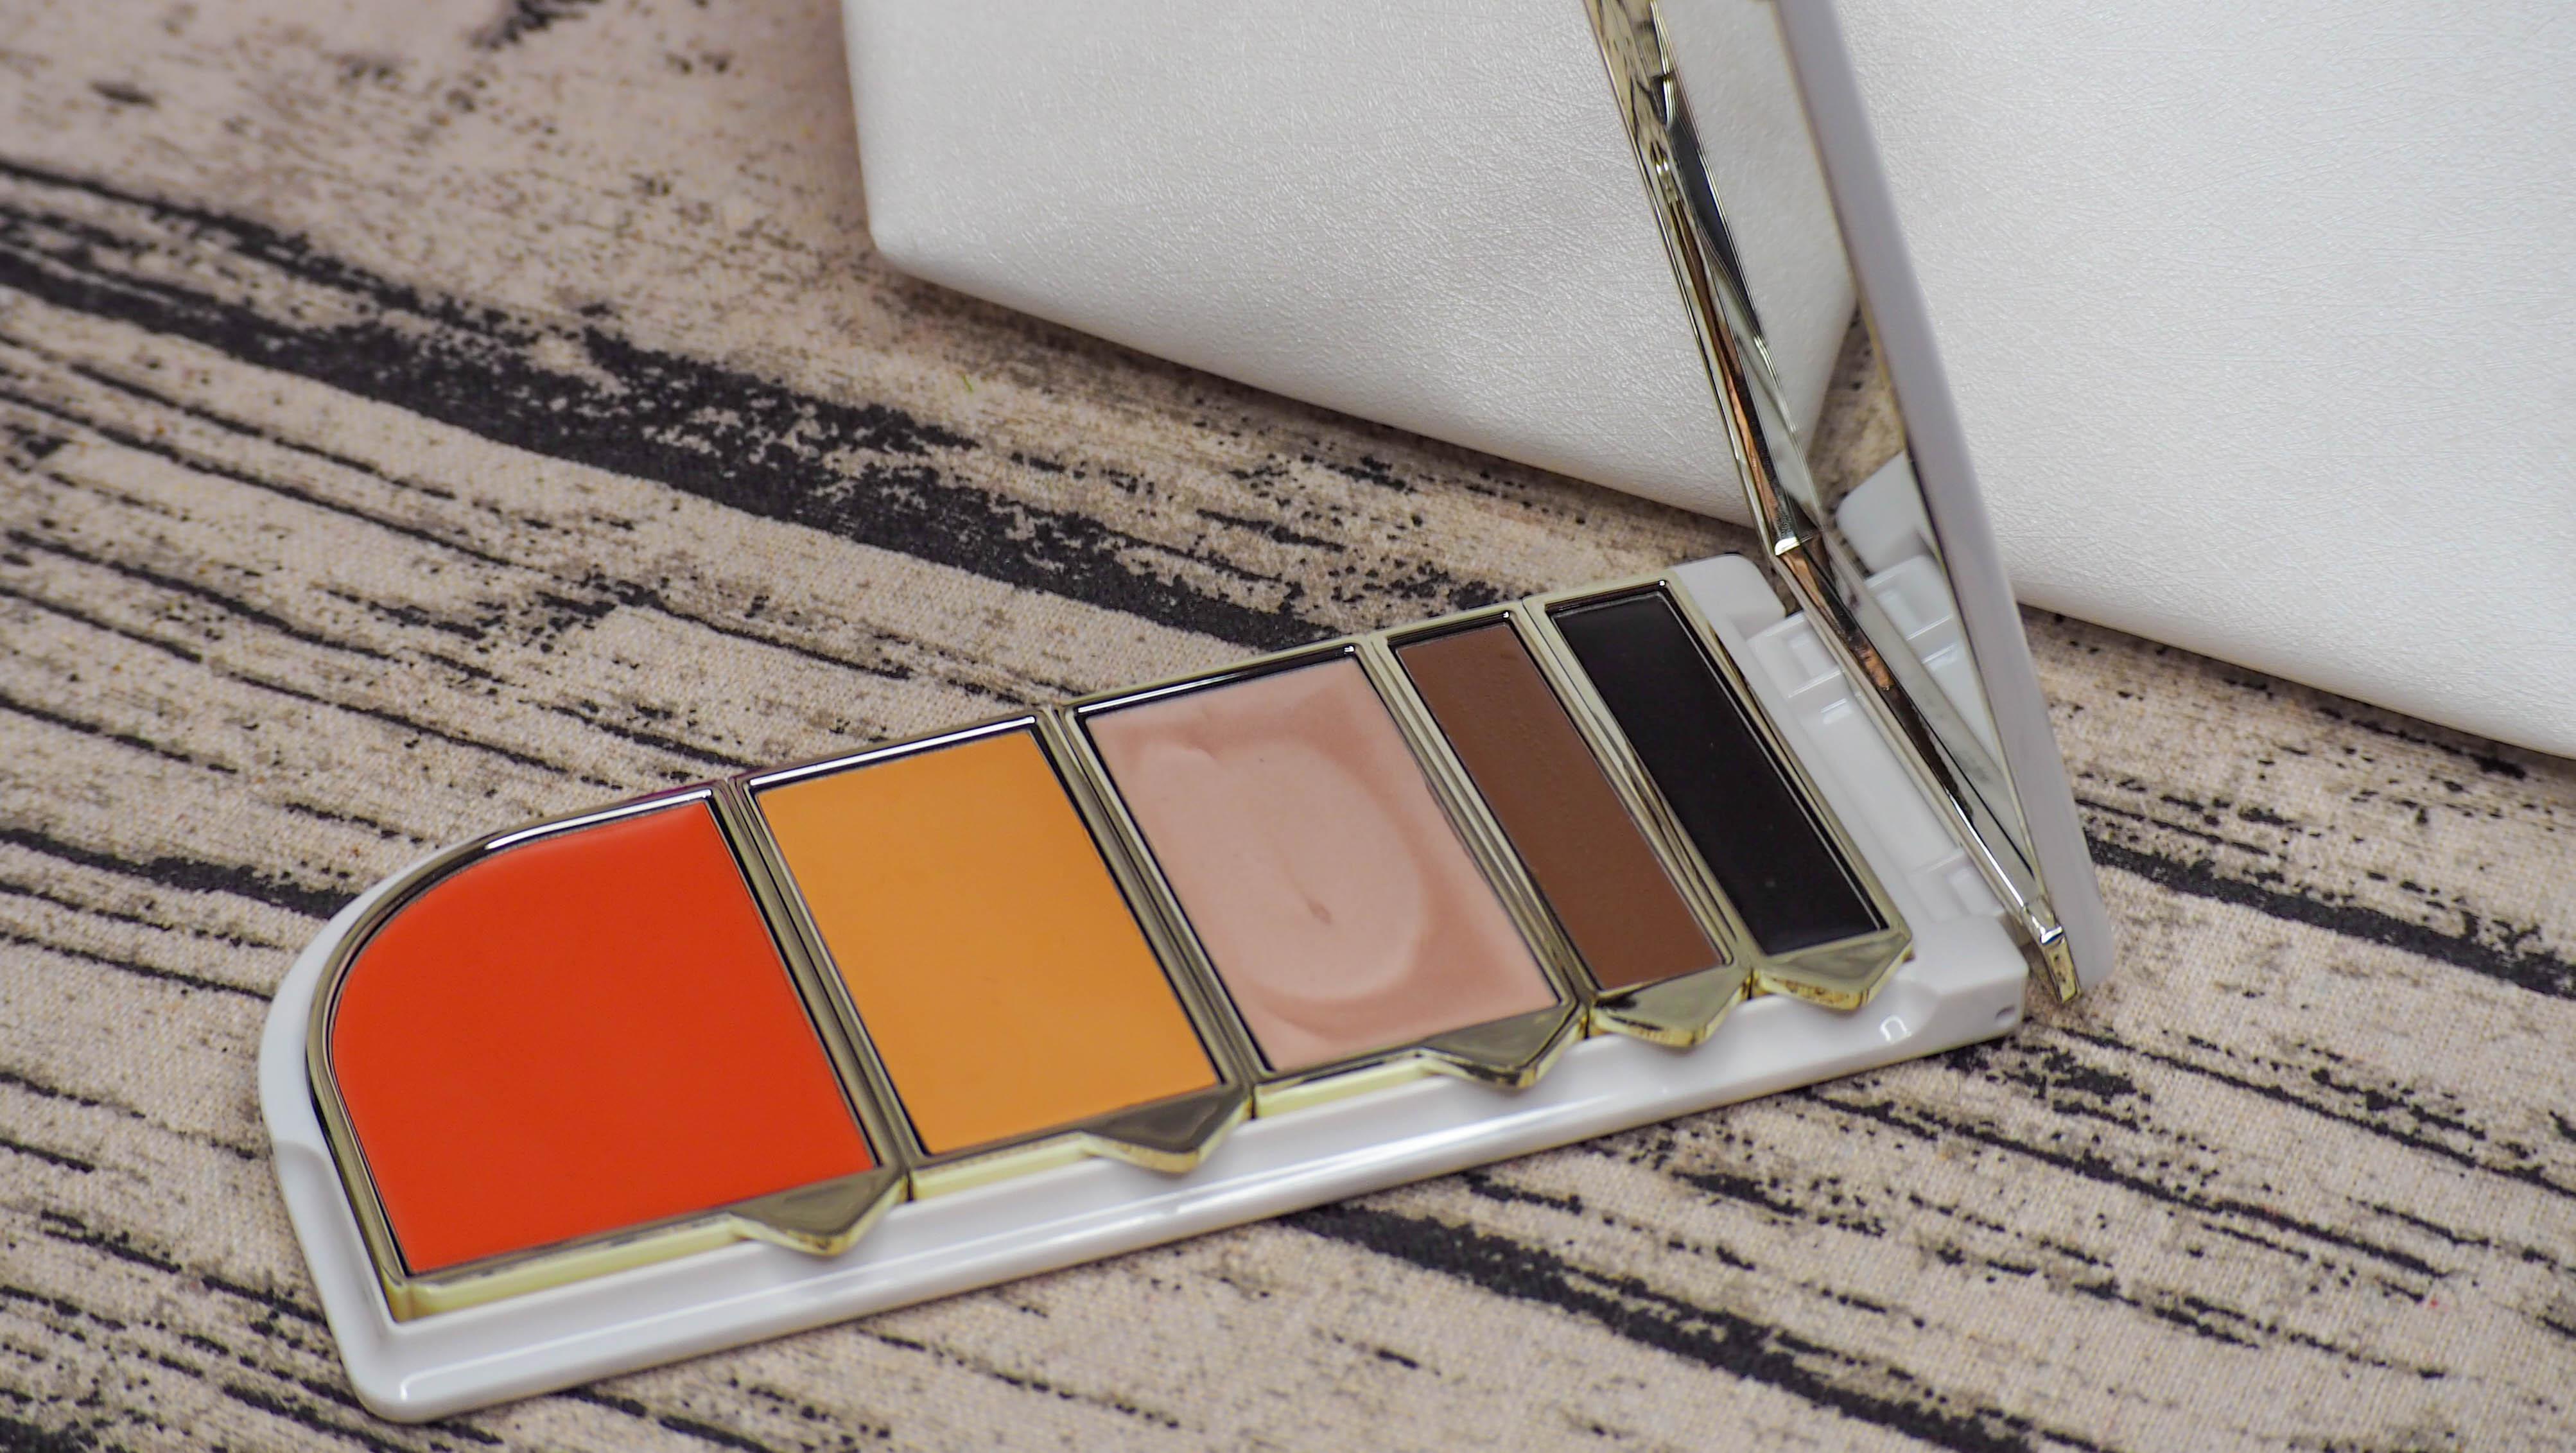 Tropic Makeup Colour Palette